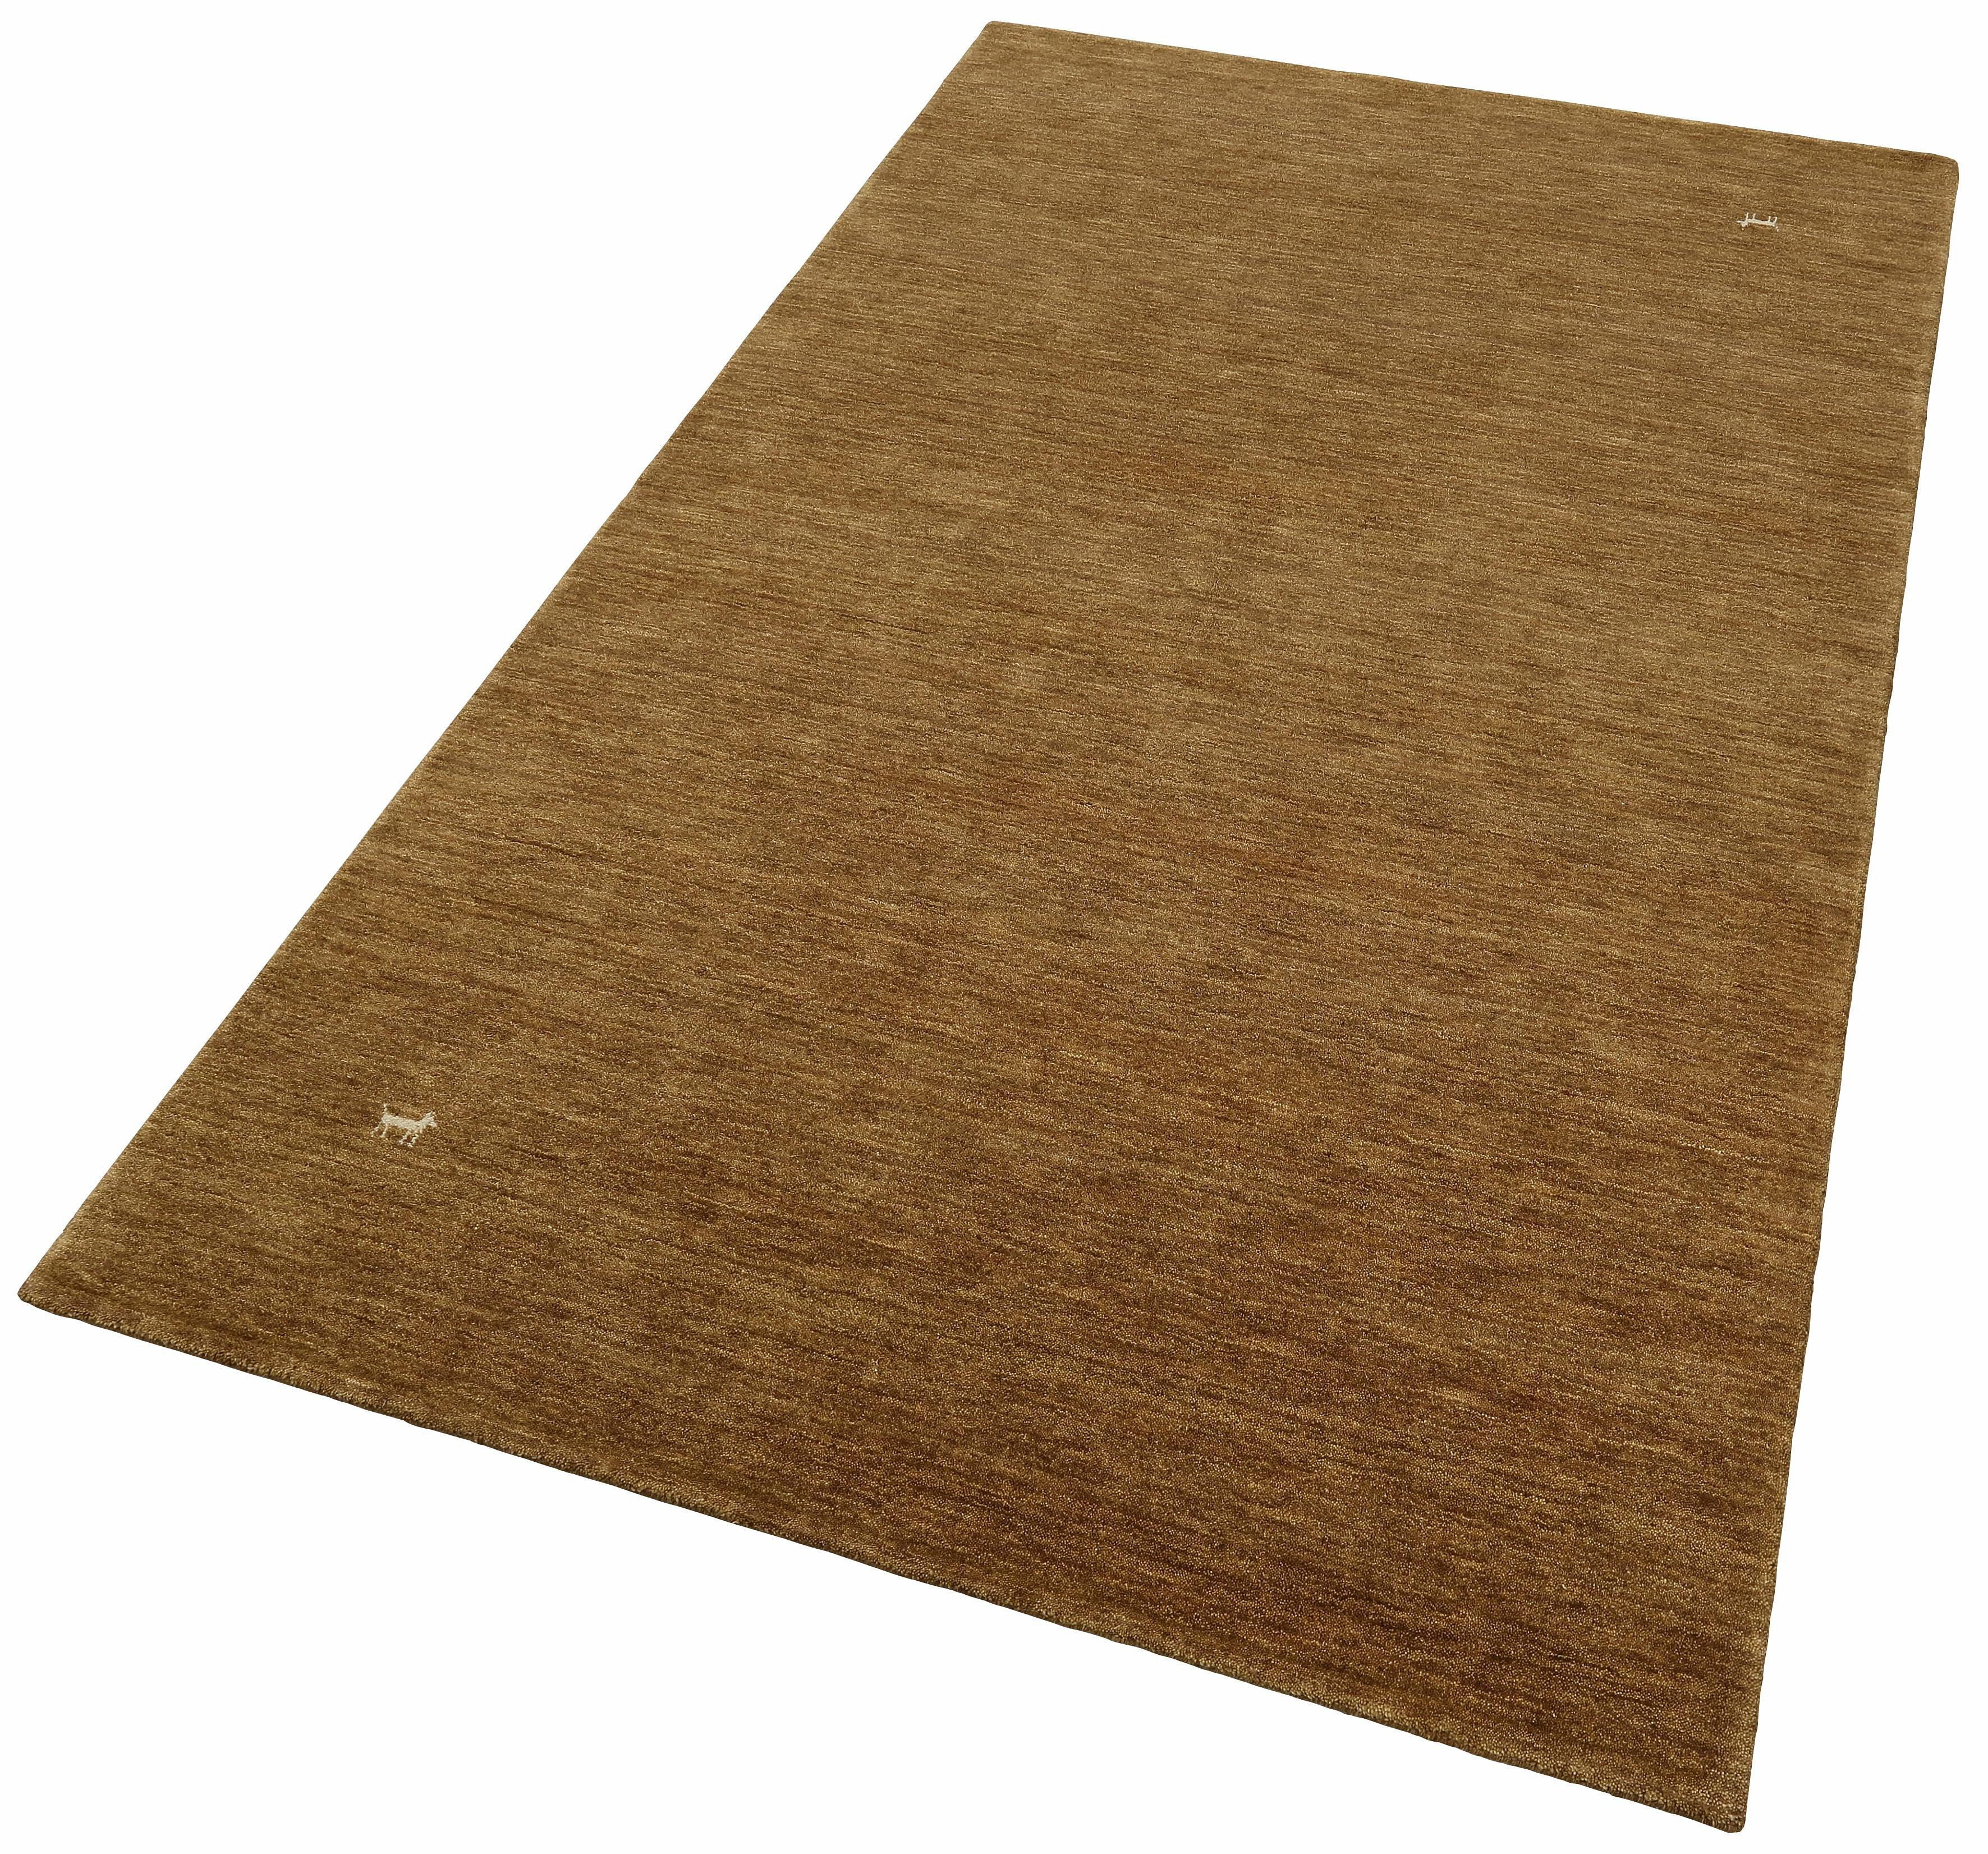 Orientteppich »Gabbeh Supreme«, Parwis, rechteckig, Höhe 20 mm, 4,5kg/m², Schurwolle, Unikat, handgearbeitet | Heimtextilien > Teppiche > Orientteppiche | Parwis